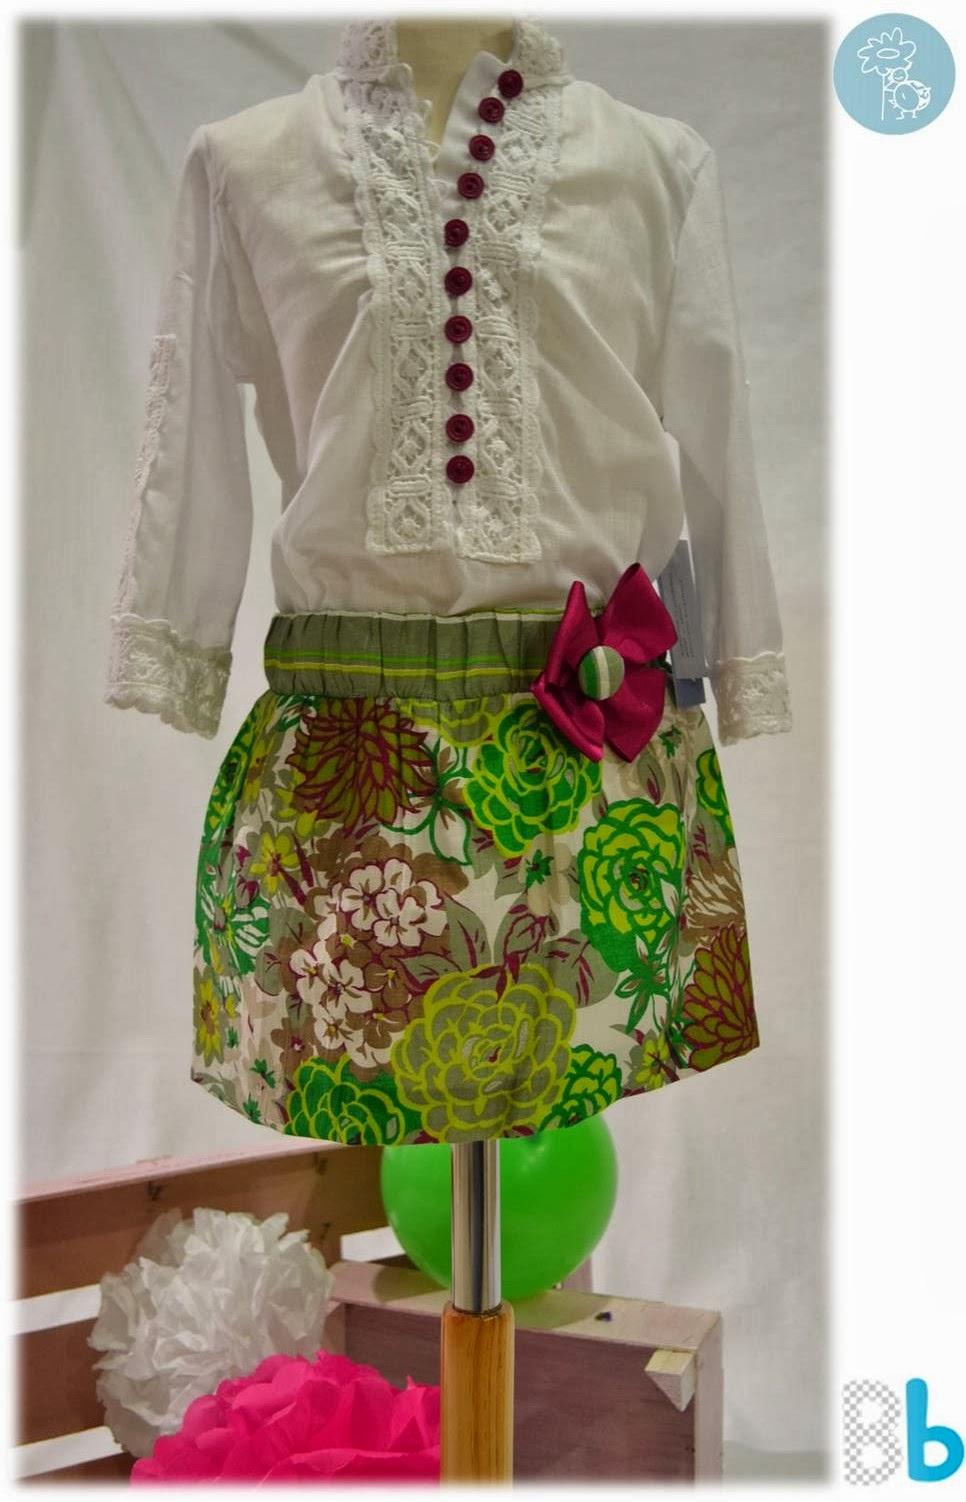 Babiné -Colección Primavera-Verano- conjunto falda y camisa